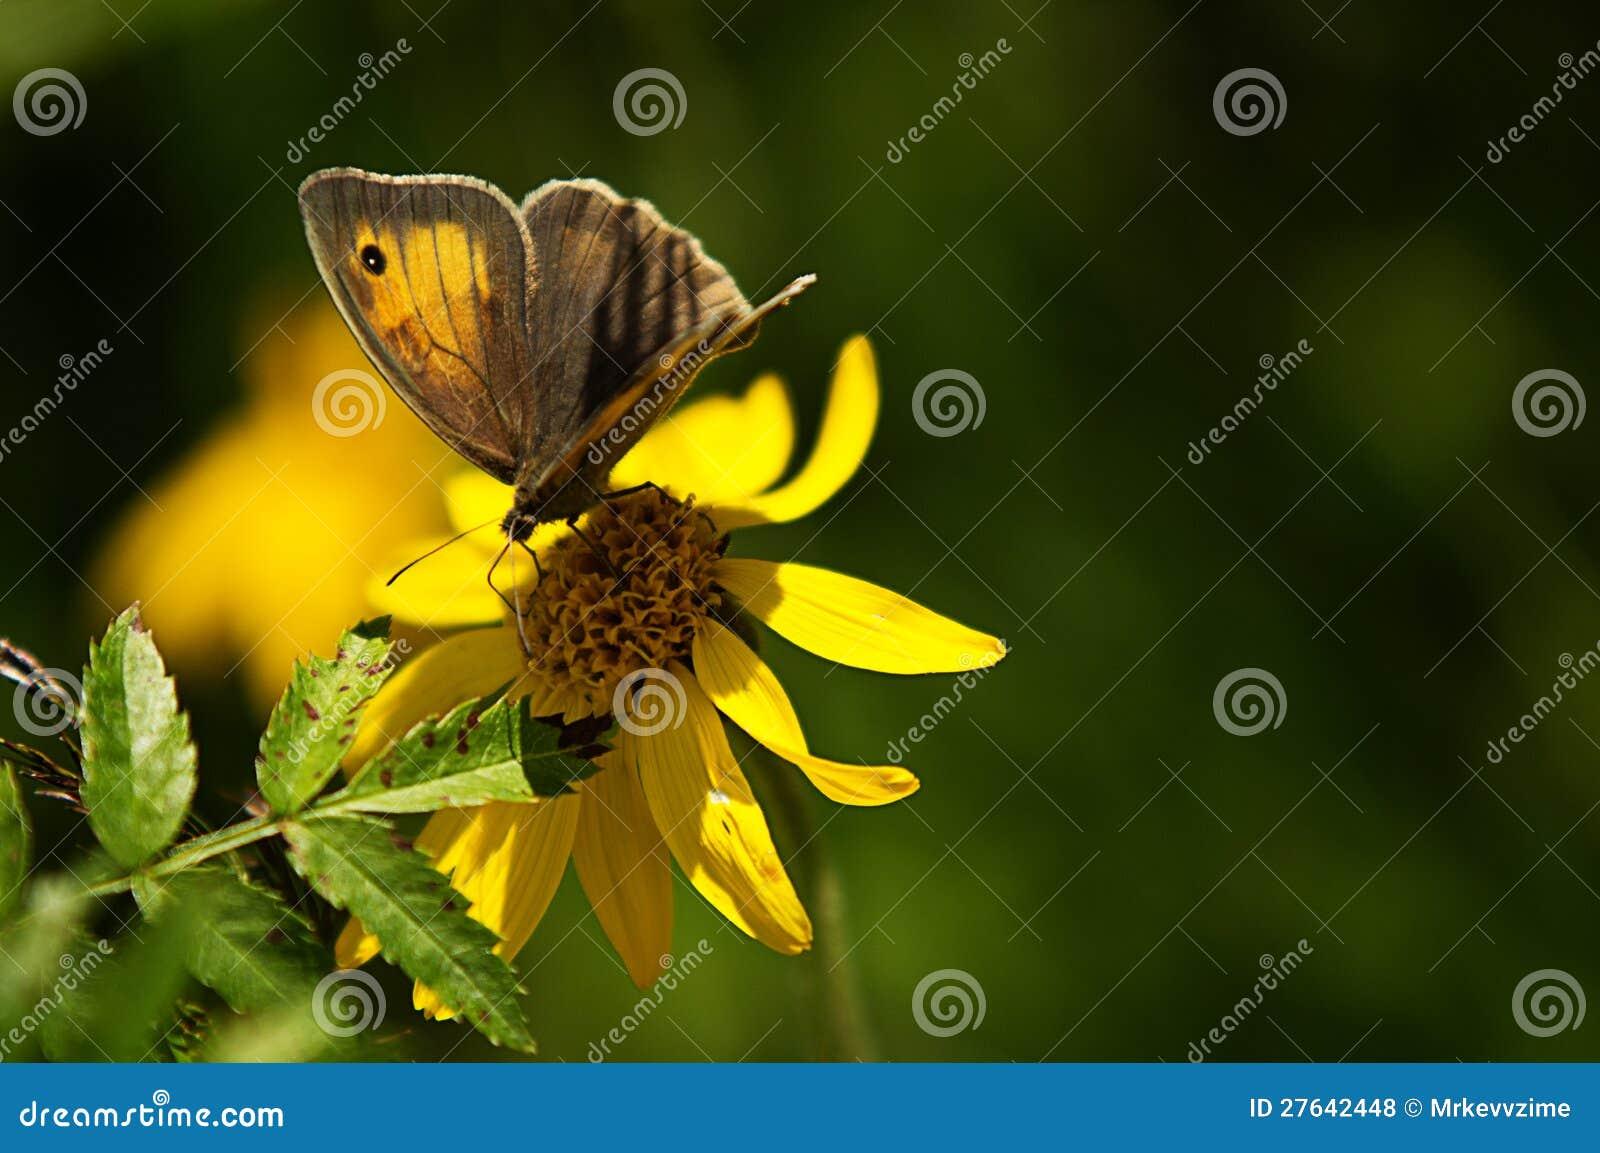 Basisrecheneinheit auf gelber Blume